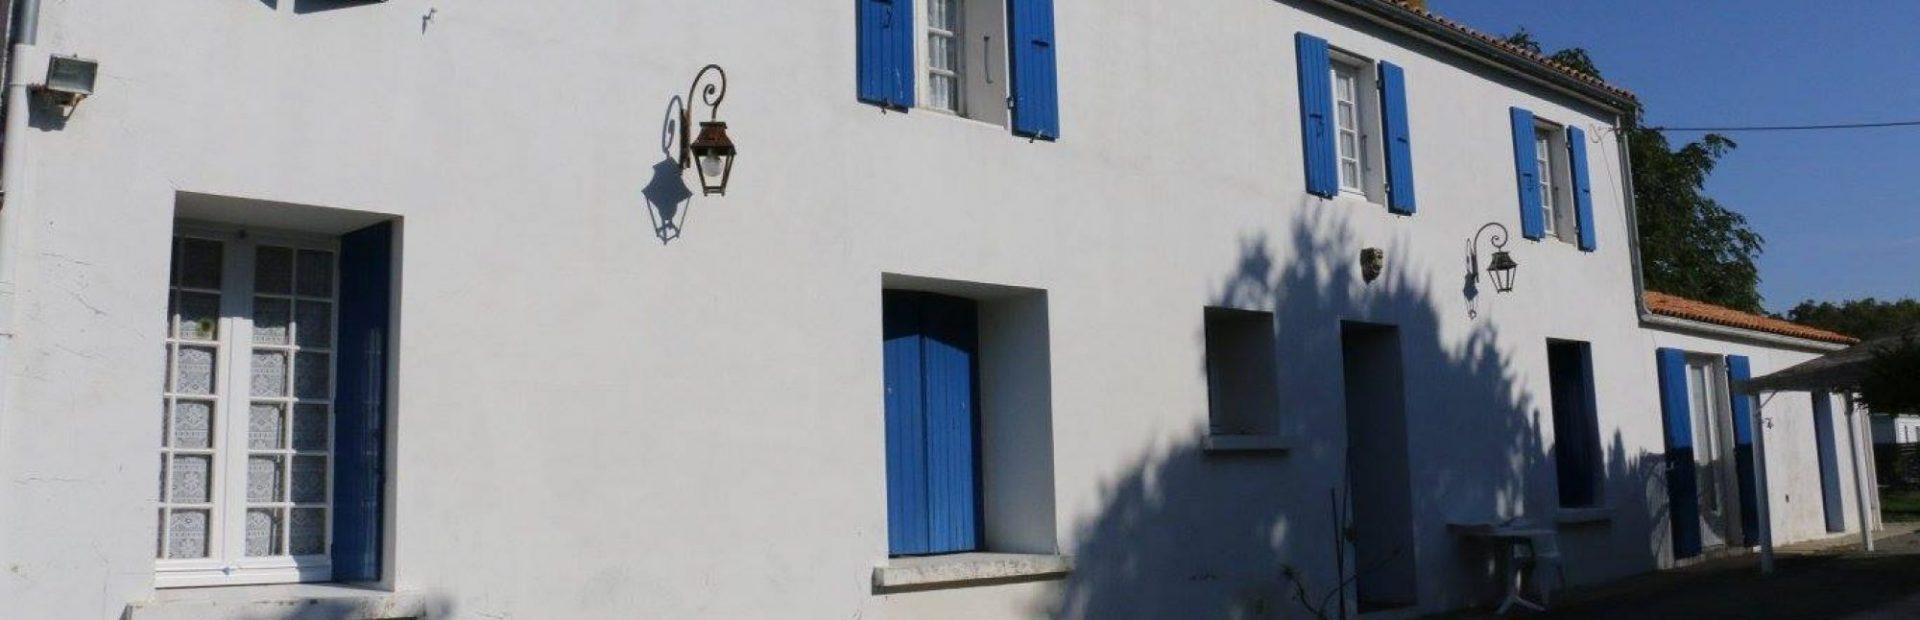 Location de vacances à la ferme en Charente Maritime